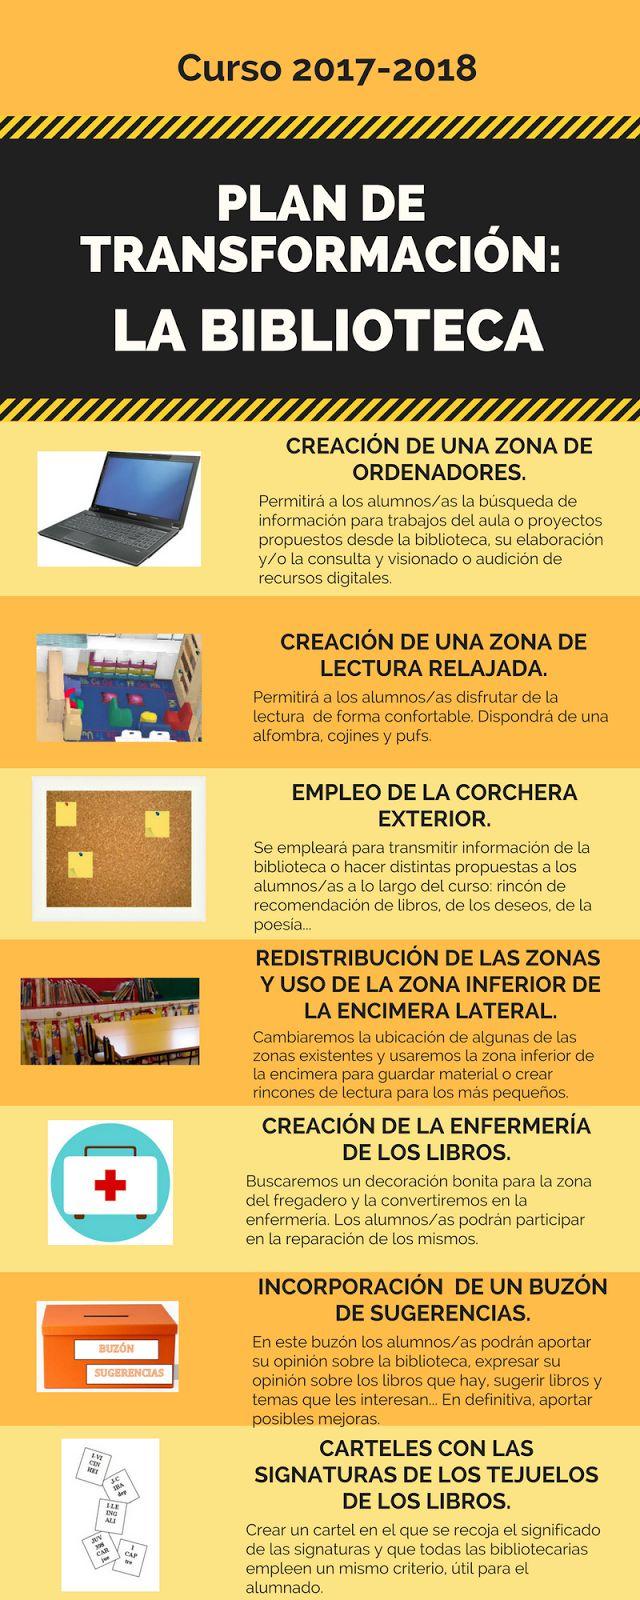 Reto :Trabajo realizado por Vanesa Gómez, trasformación de la biblioteca